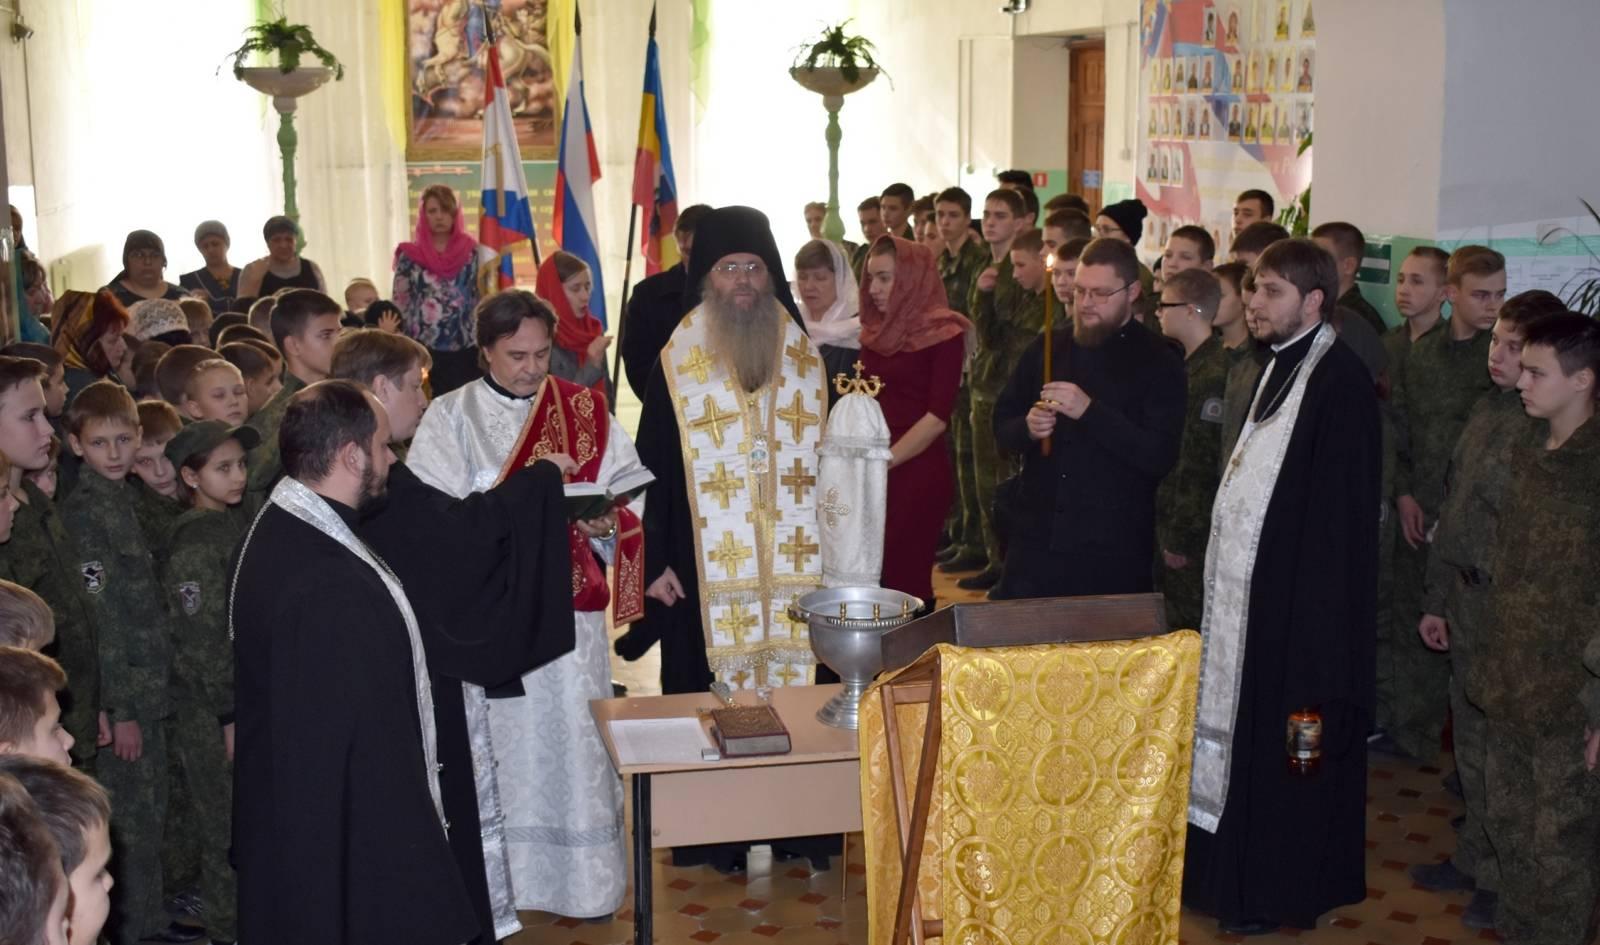 Молебен Архистратигу Божию Михаилу в Урюпинской кадетской школе.